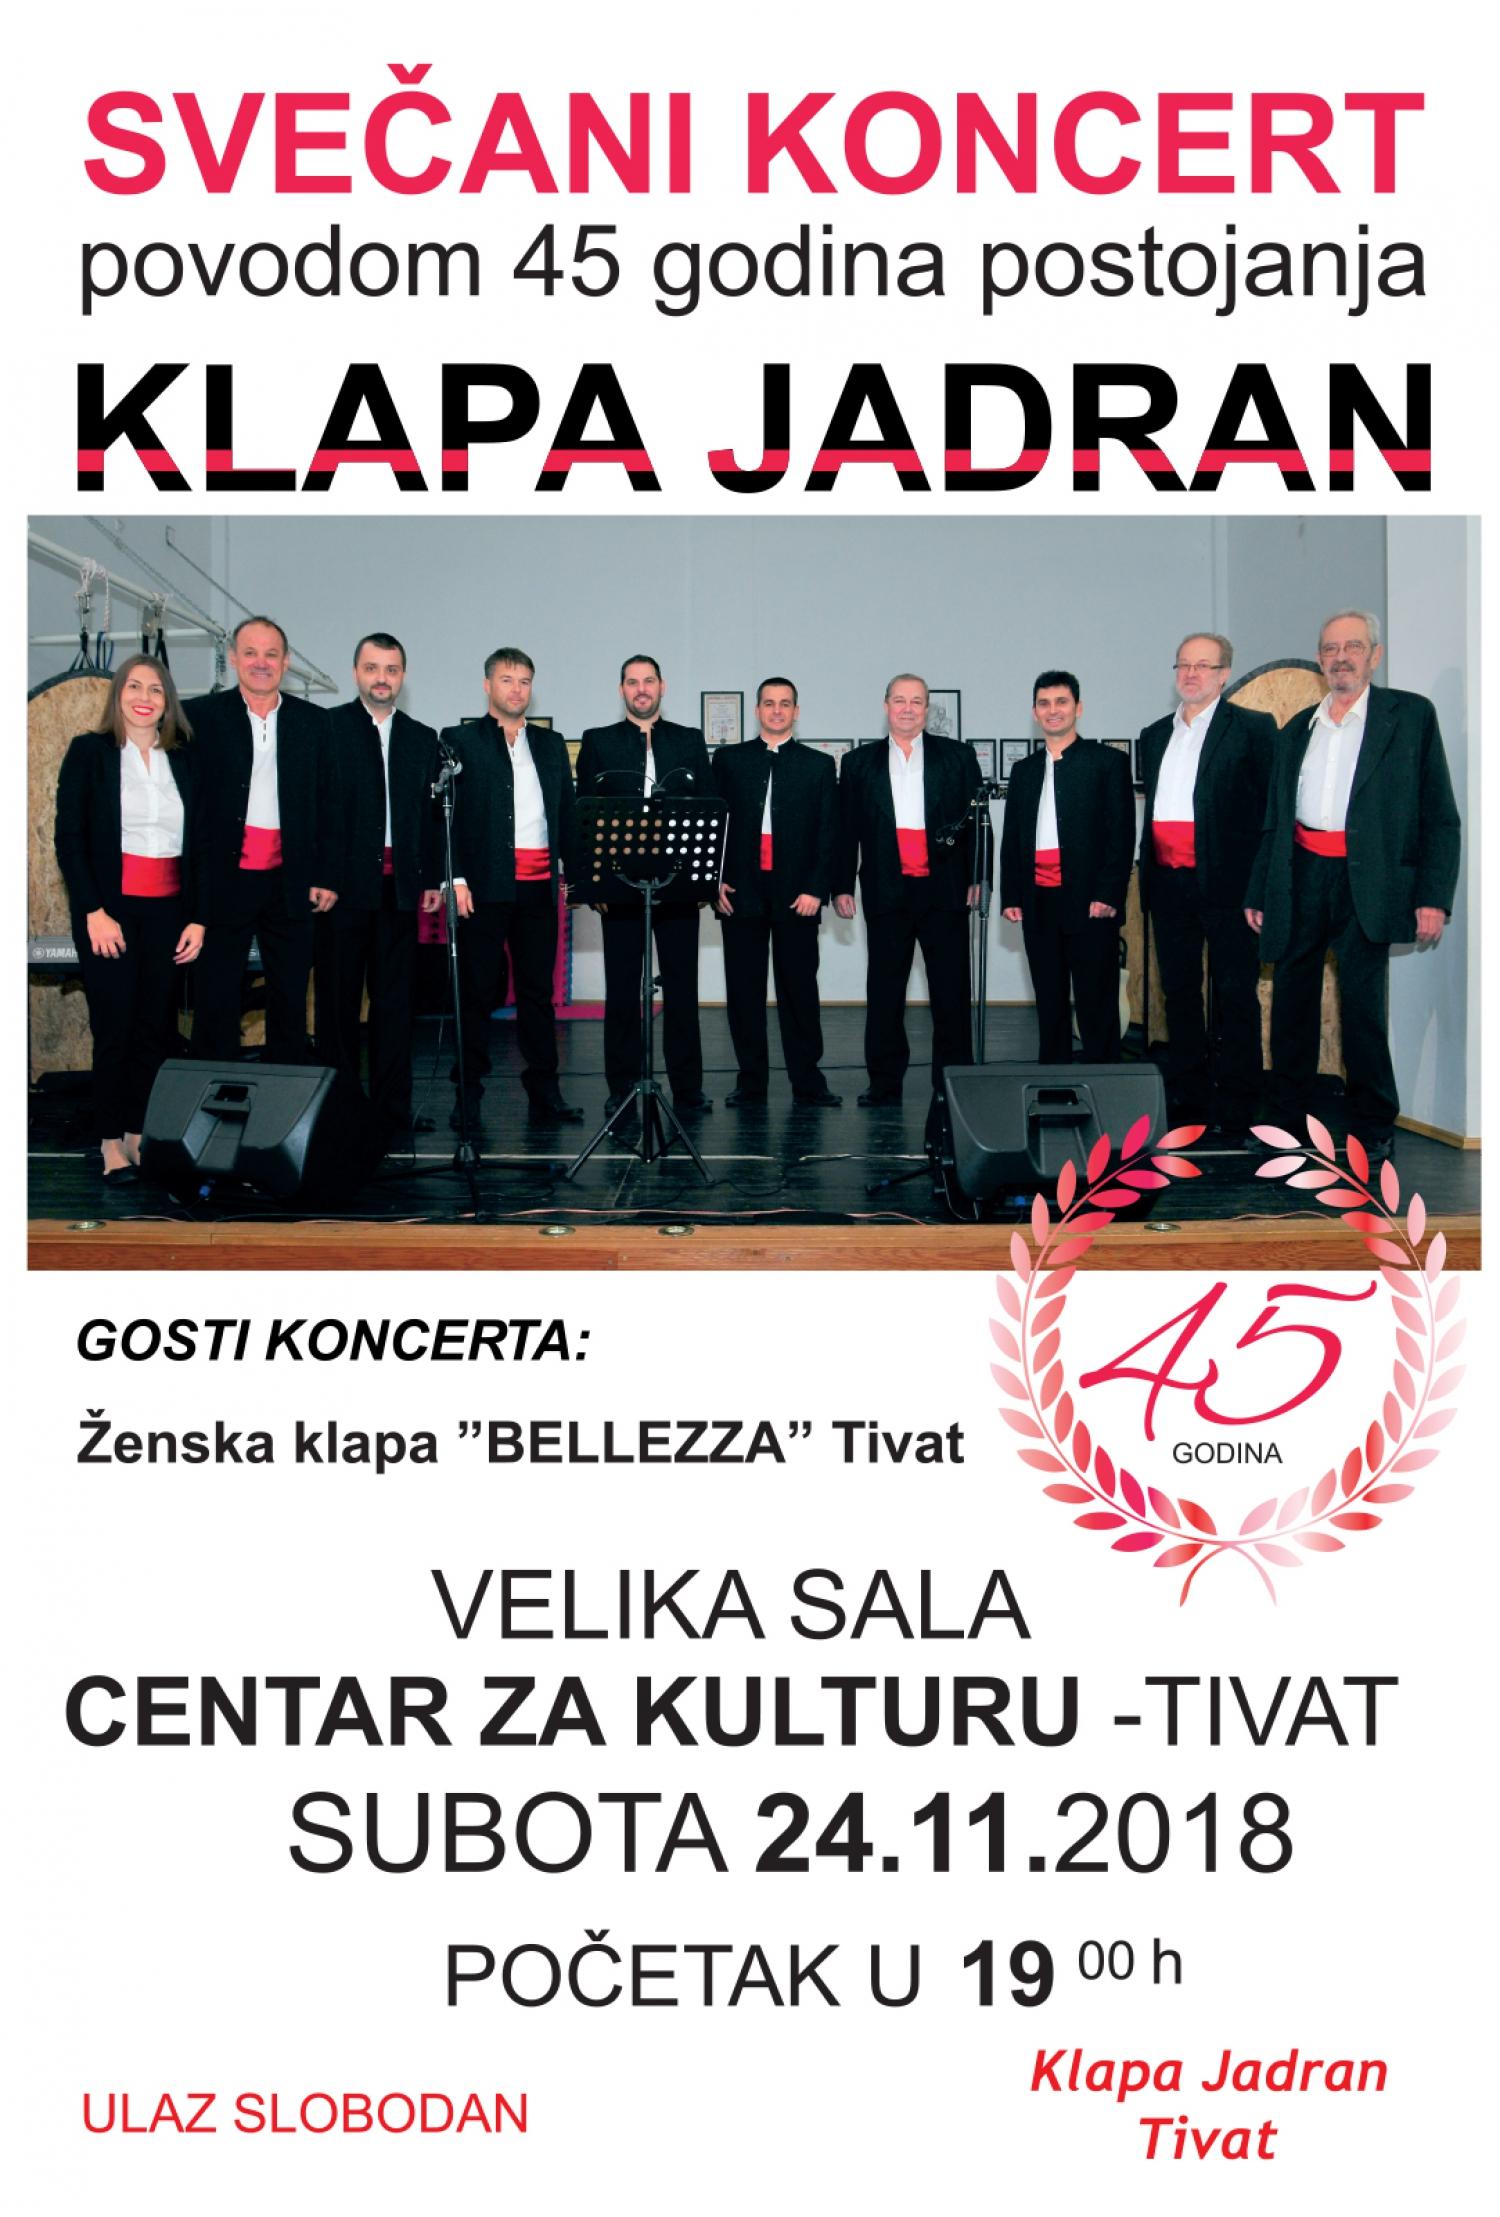 Gala Concert Klapa Jadran